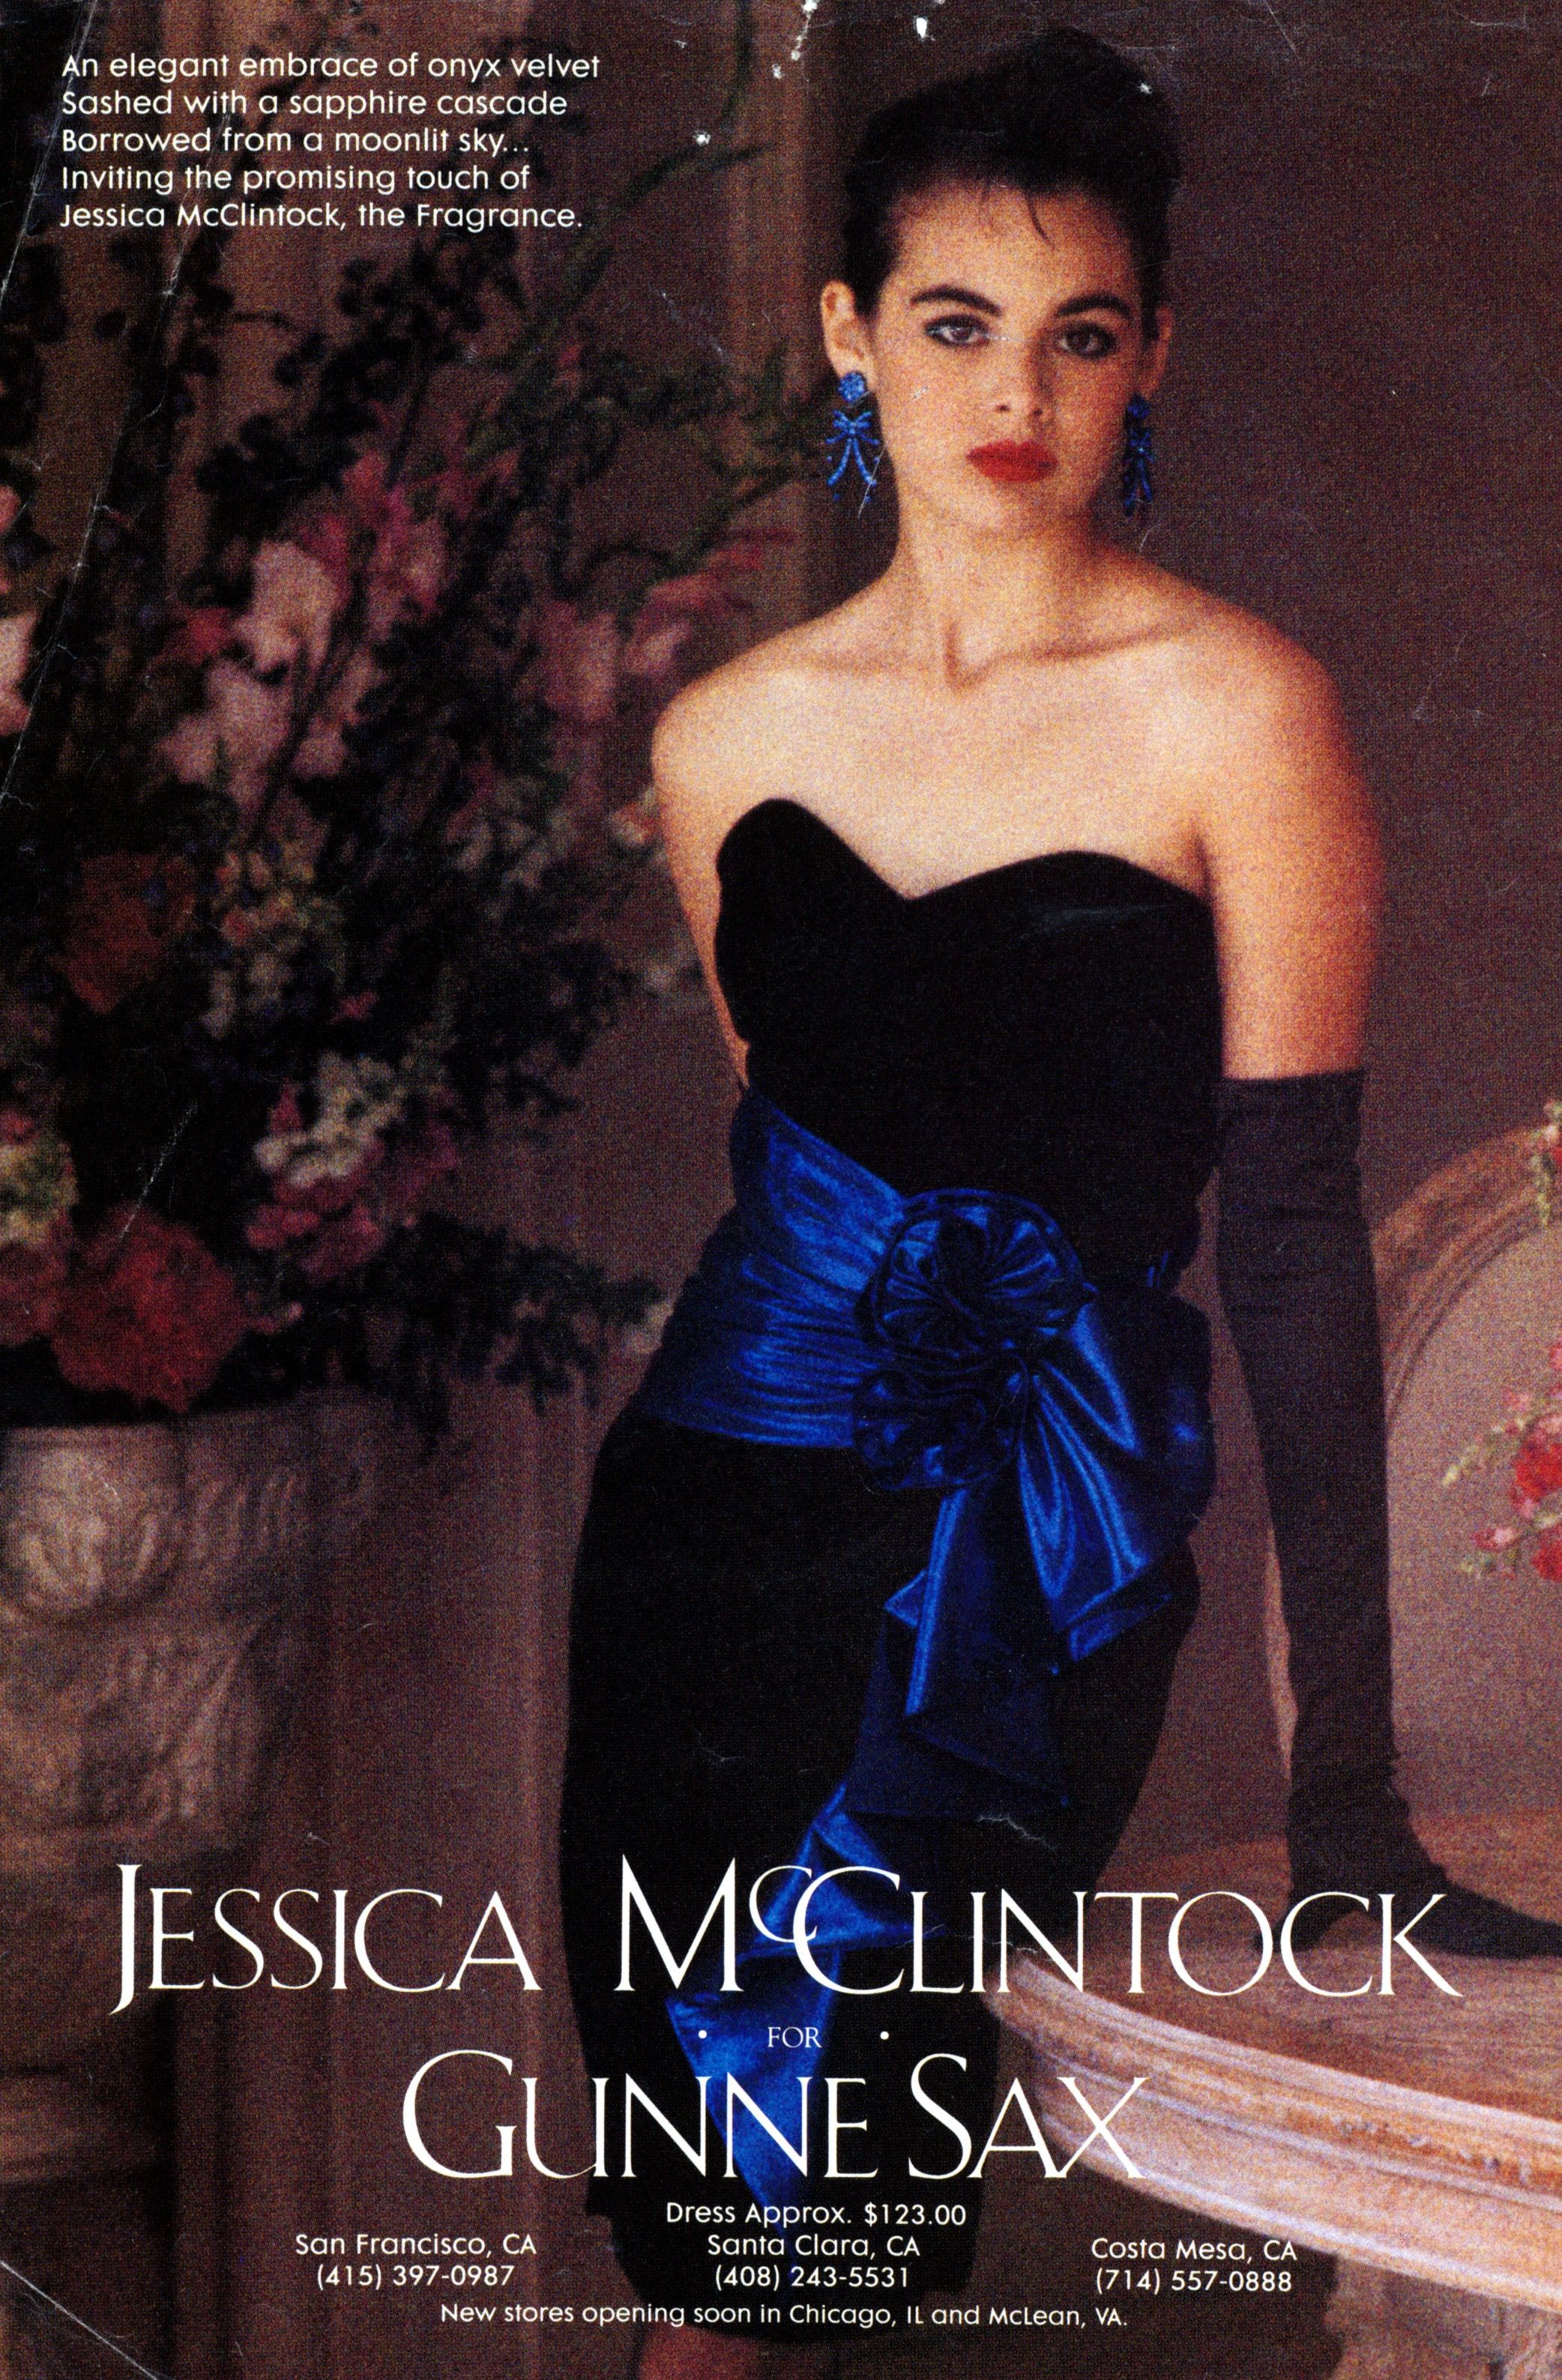 Gunne Sax Prom Dress - Seventeen Magazine May 1984 | Seventeen ...